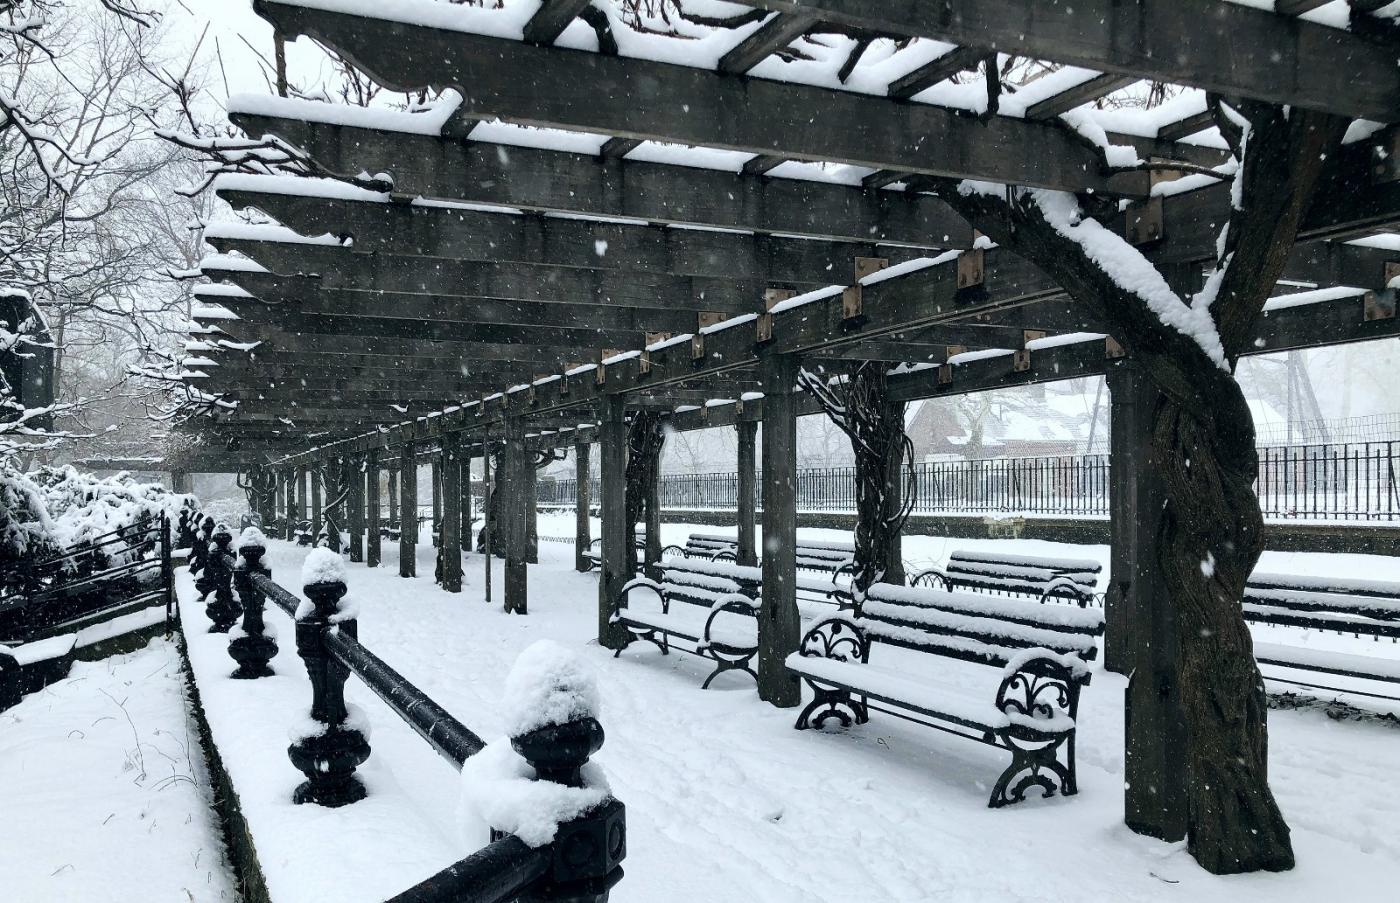 【田螺手机摄影】纽约雪景、还是中央公园最漂亮[二]_图1-25